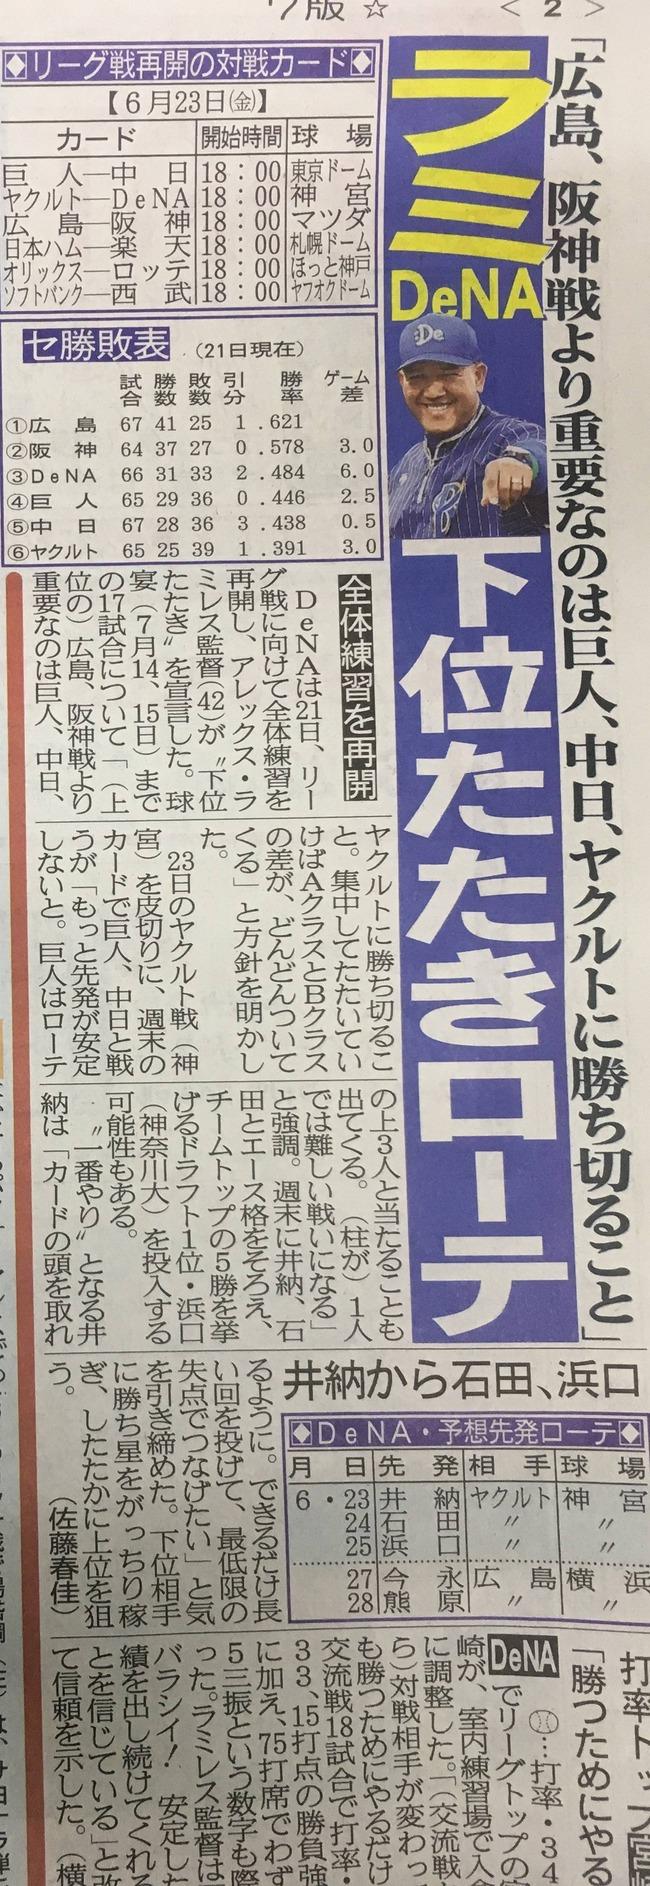 横浜DeNA策士ラミ「広島阪神戦より巨人中日ヤクに勝つ方が重要」